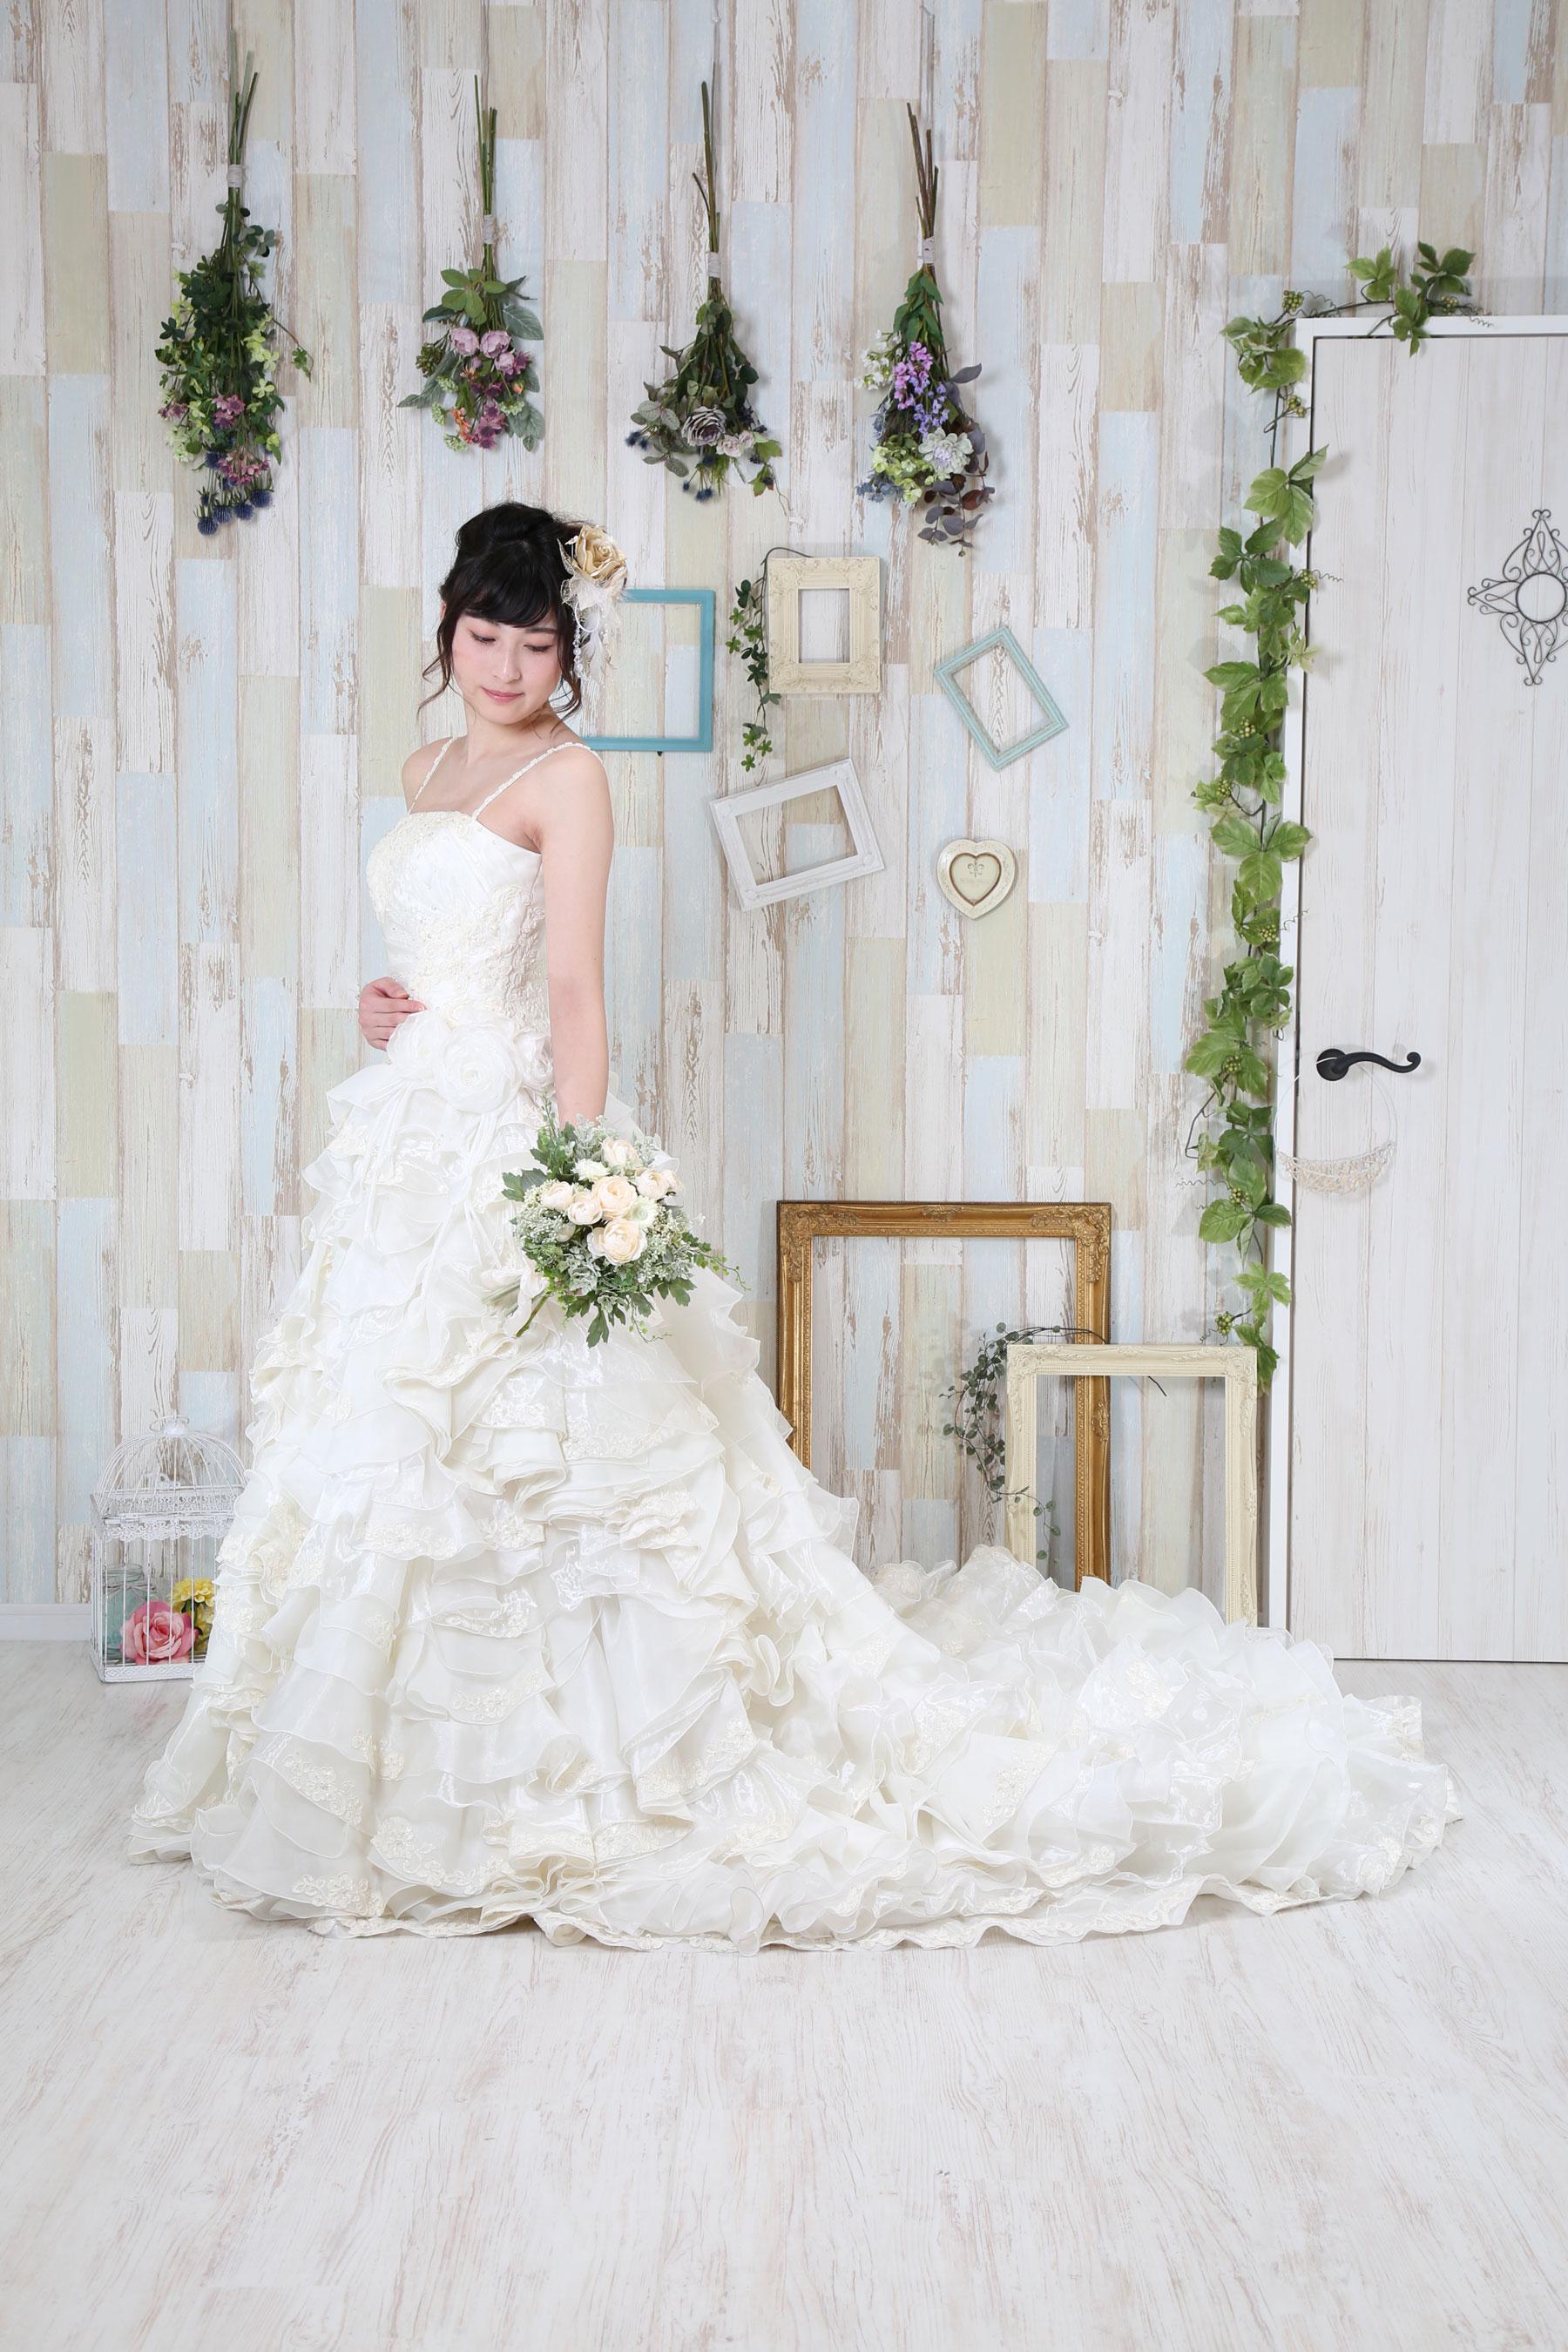 ★20180211-ドレス衣装撮影_102